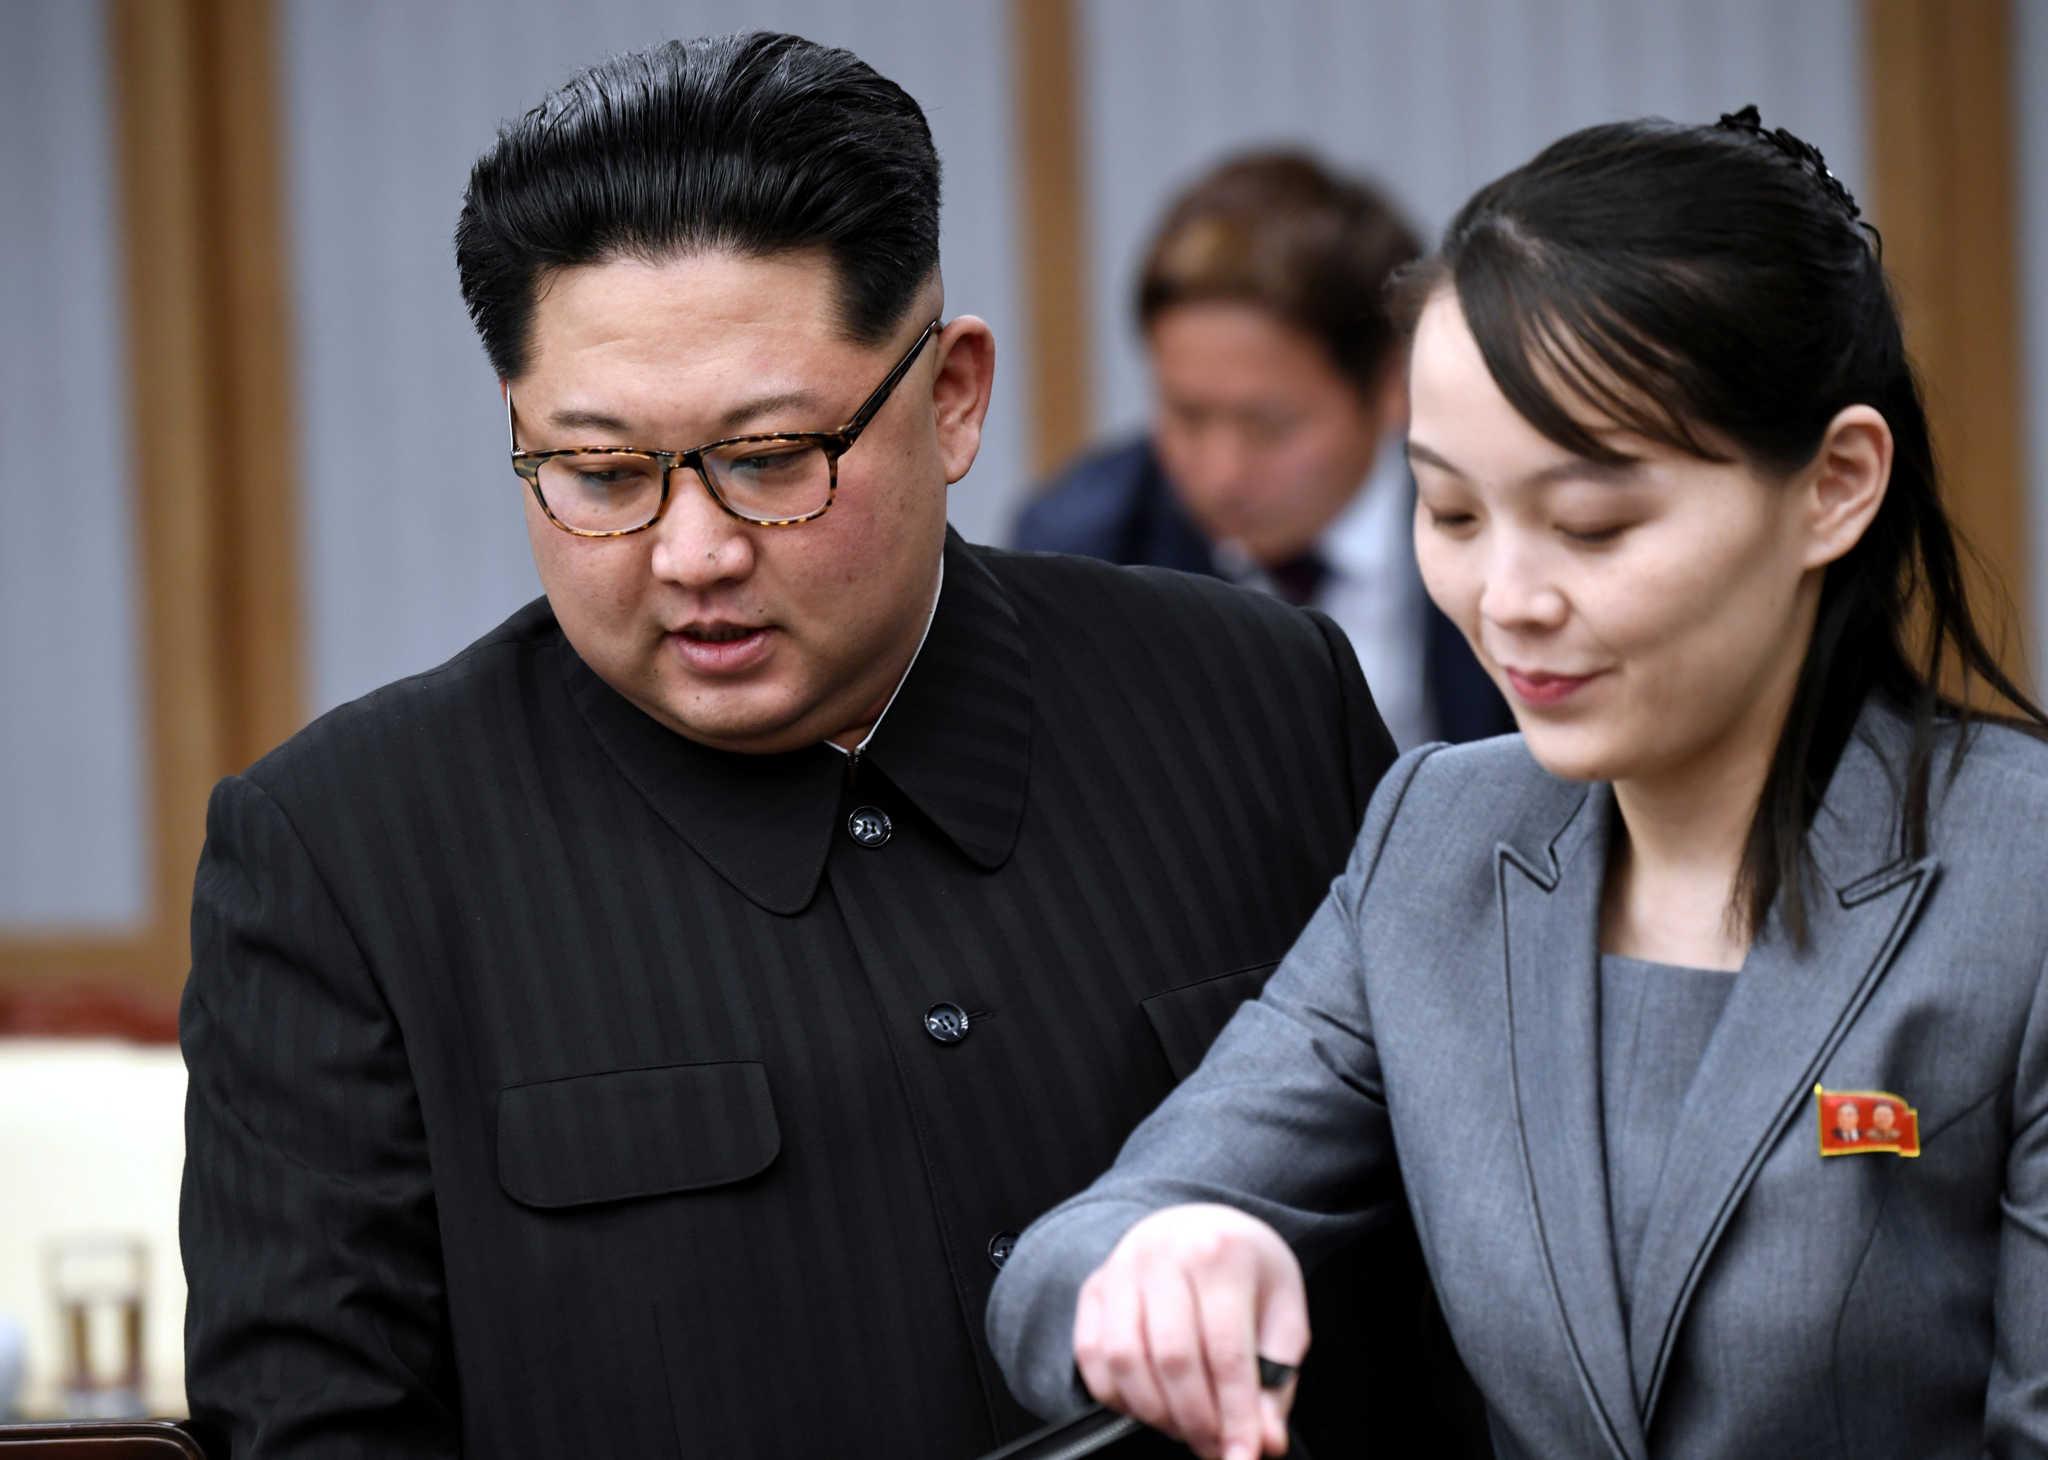 Βόρεια Κορέα: Η αδερφή του Κιμ Γιονγκ Ουν επιτέθηκε σε Νότια Κορέα και ΗΠΑ